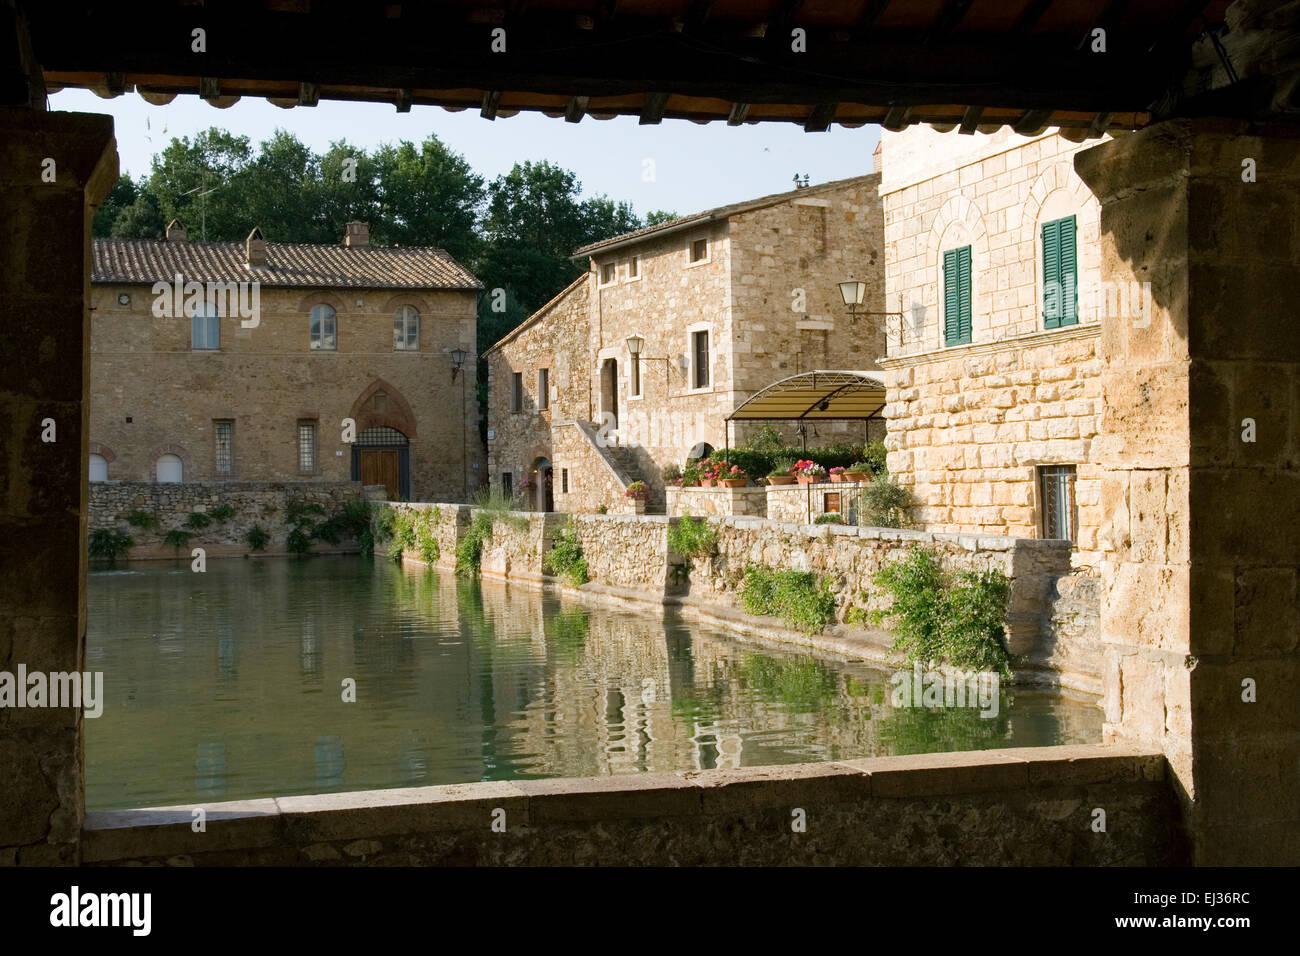 Bagno Vignoni, Tuscany, Italy. the Renaissance \'piscina\', hot ...